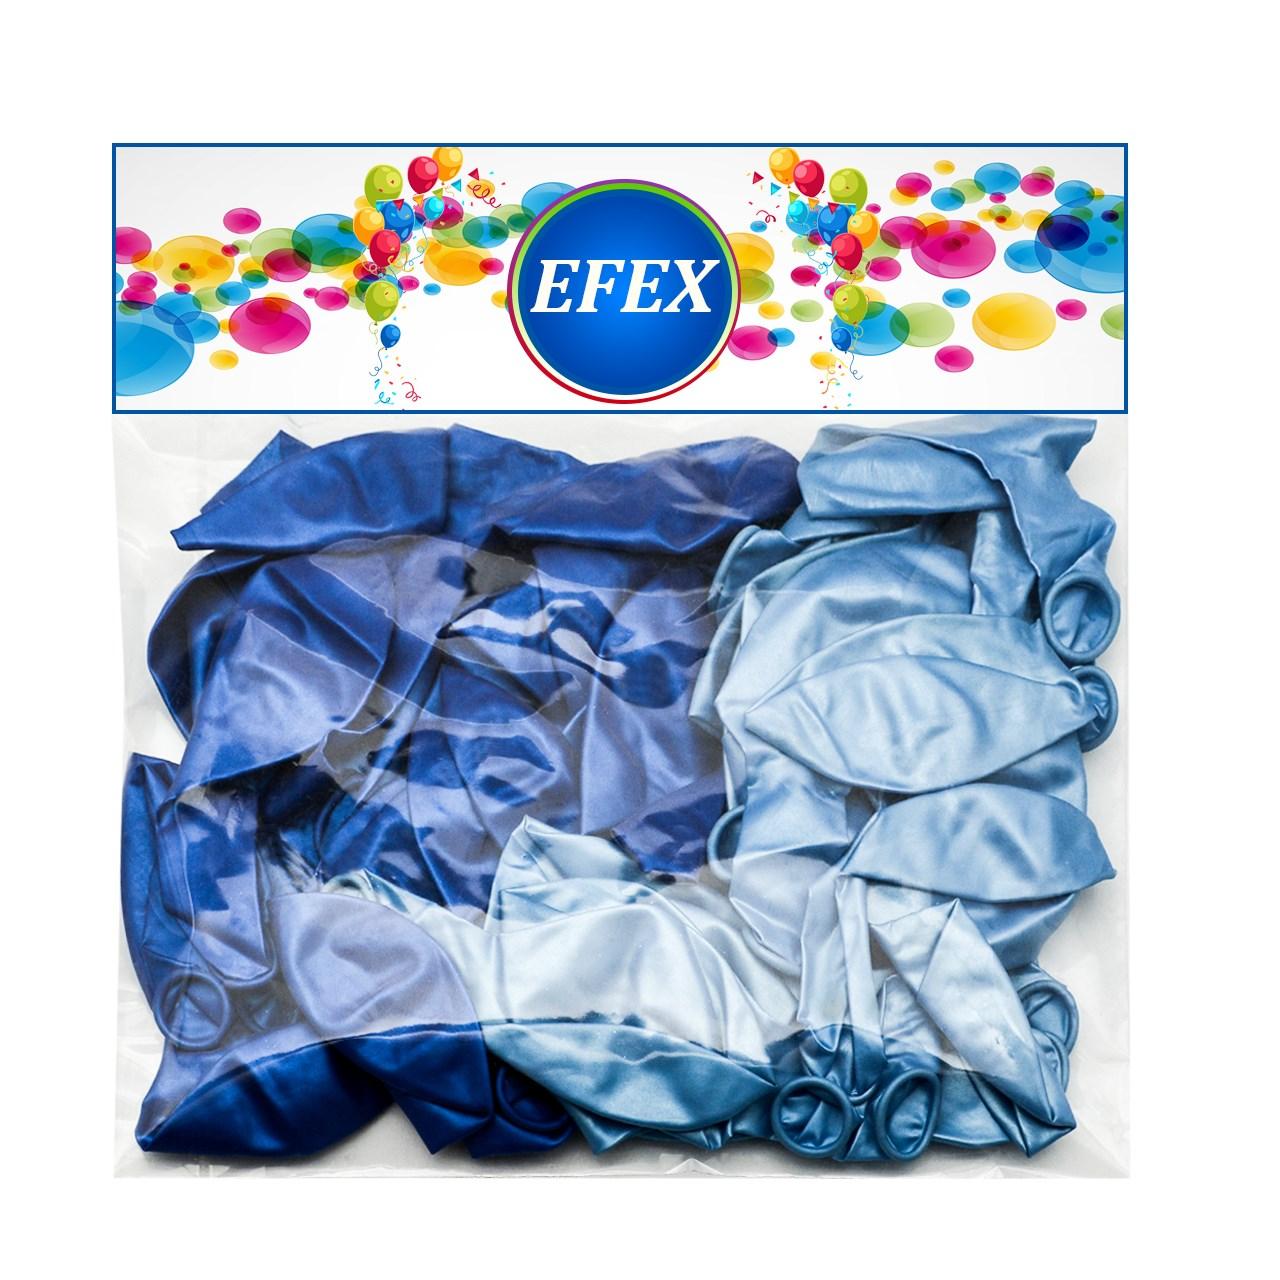 بادکنک متالایز طرح EFEX بسته 40 عددی